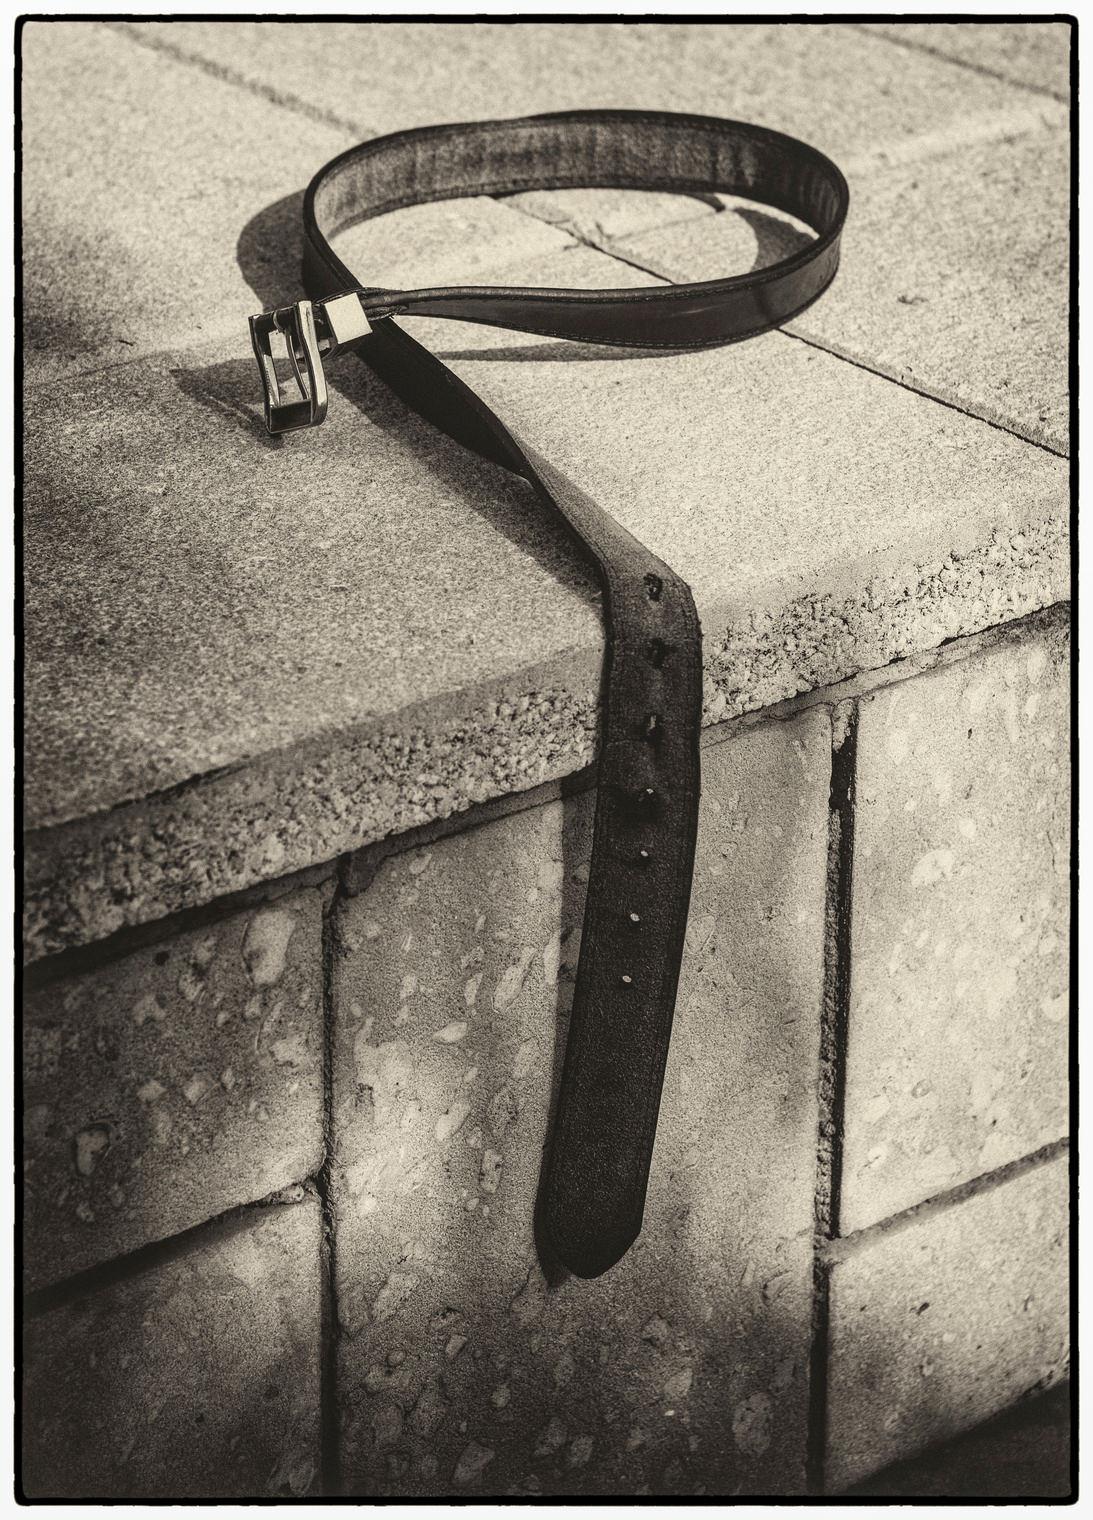 Воспоминание о детстве | Фотосайт СуперСнимки.Ру